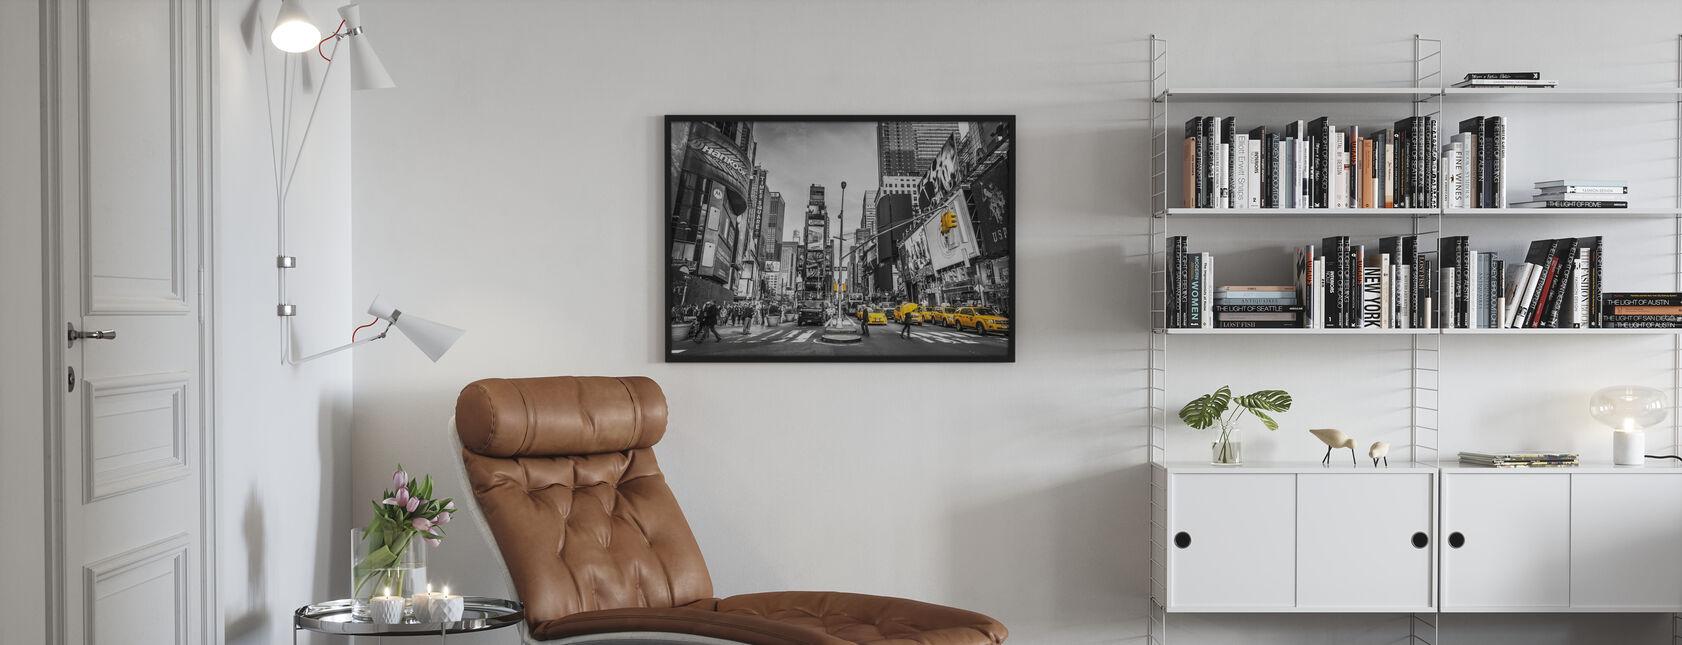 Nowojorskie taksówki - Plakat - Pokój dzienny